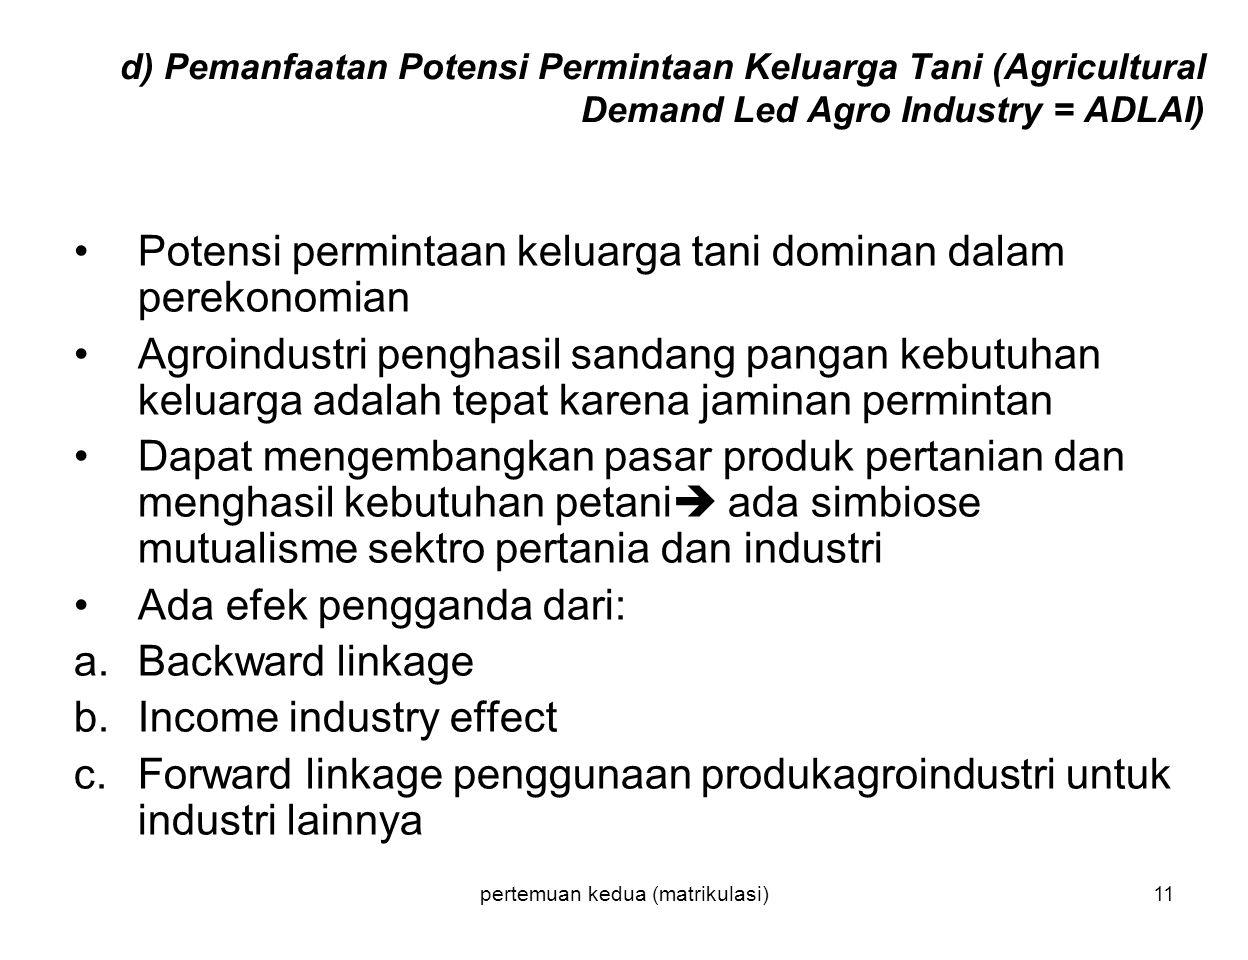 pertemuan kedua (matrikulasi)11 d) Pemanfaatan Potensi Permintaan Keluarga Tani (Agricultural Demand Led Agro Industry = ADLAI) Potensi permintaan kel